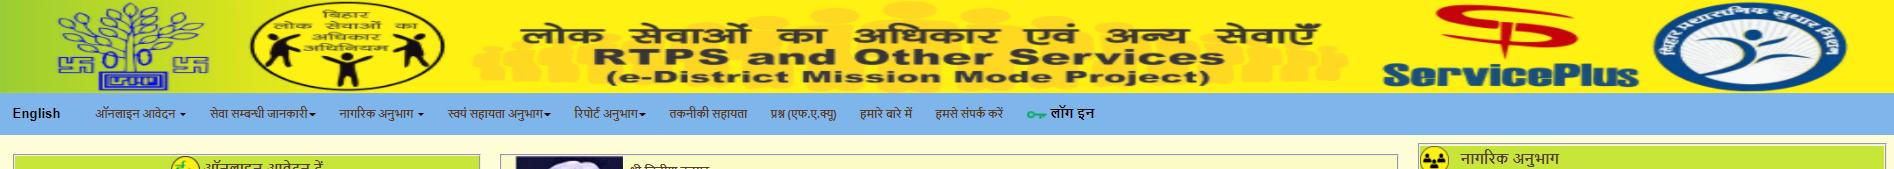 बिहार-ऑनलाइन-एप्लीकेशन-प्रोसेस-कन्या-विवाह-स्कीम